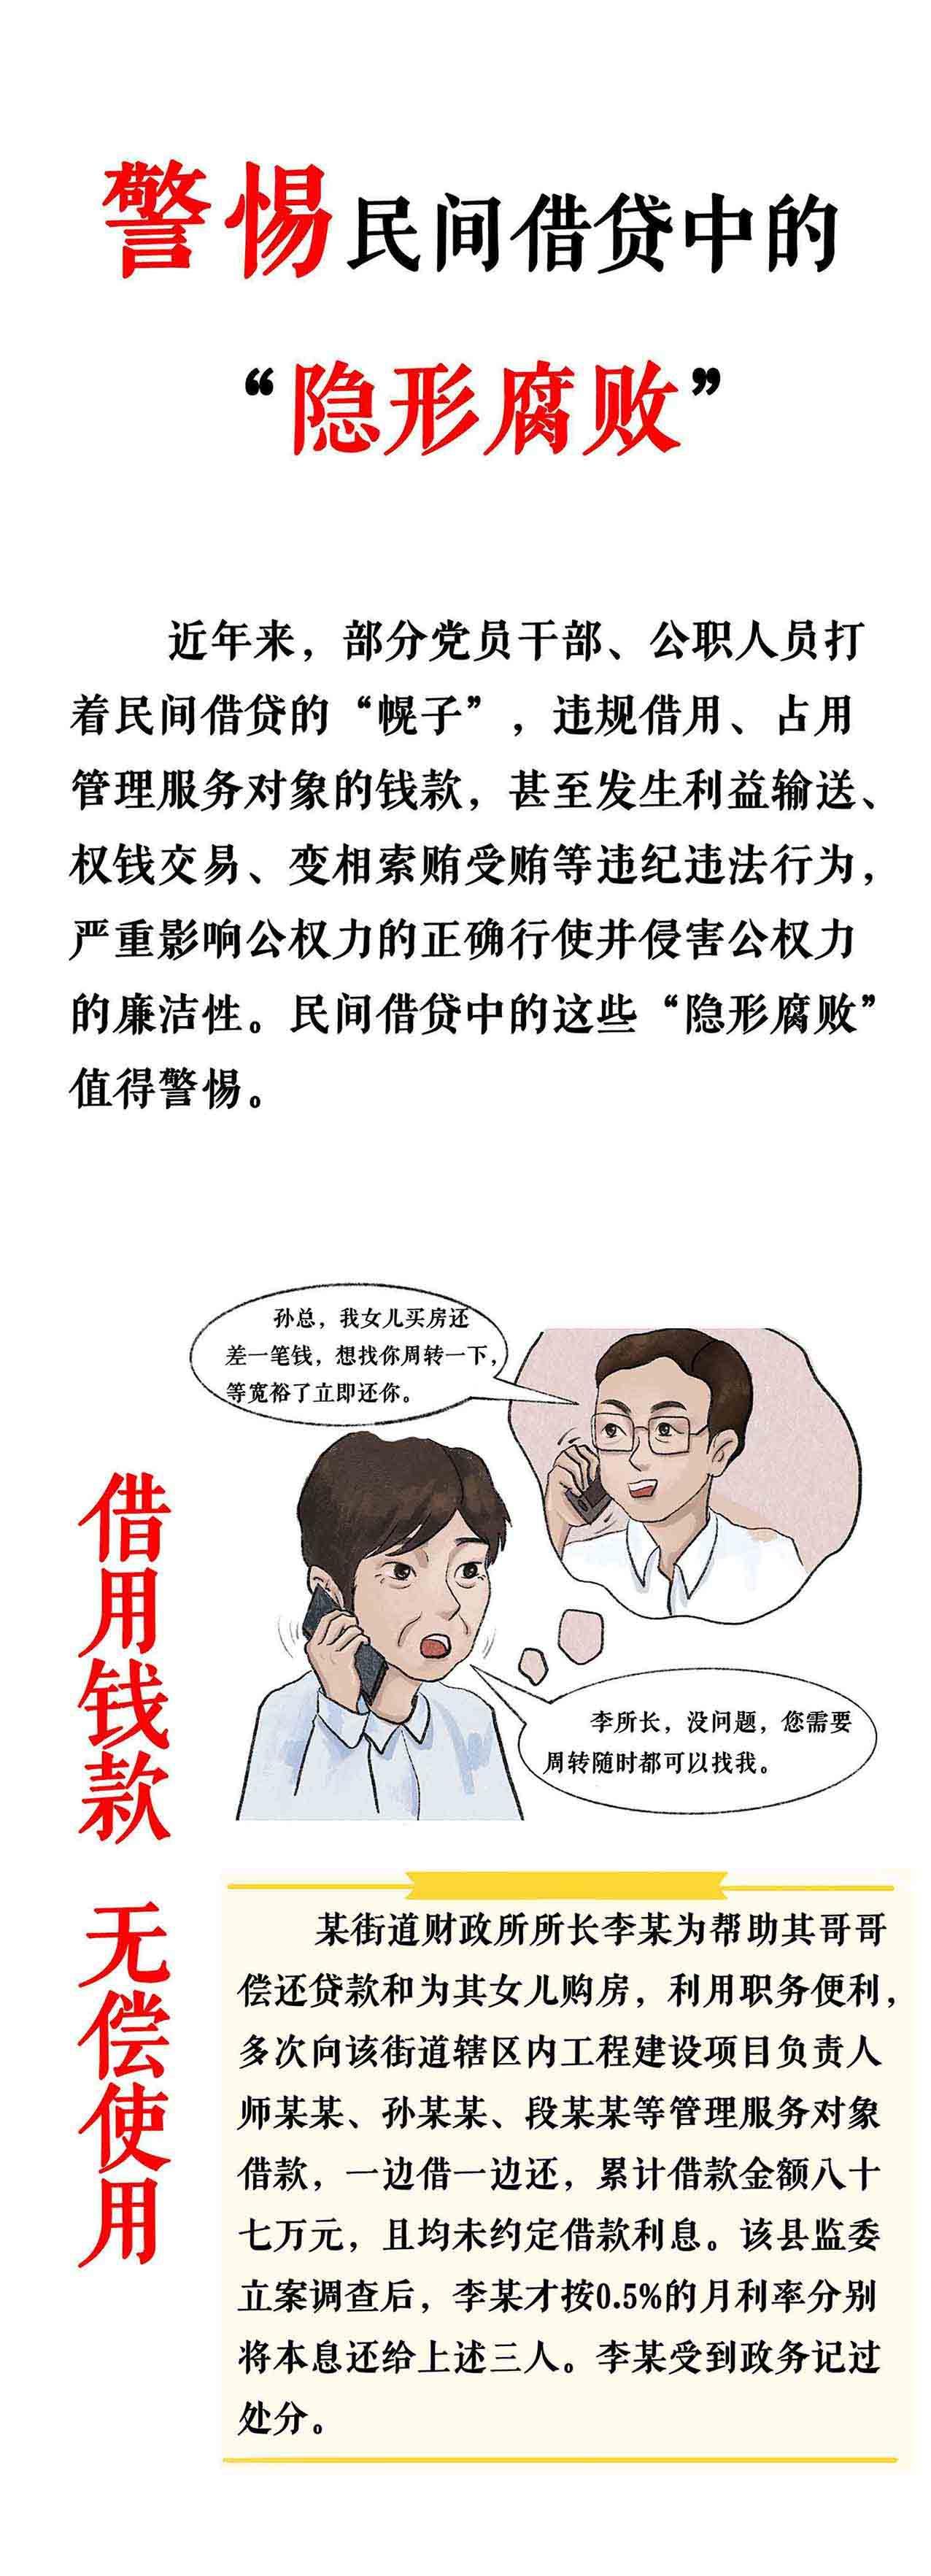 """变相索贿受贿……警惕民间借贷中的""""隐形腐败""""!"""